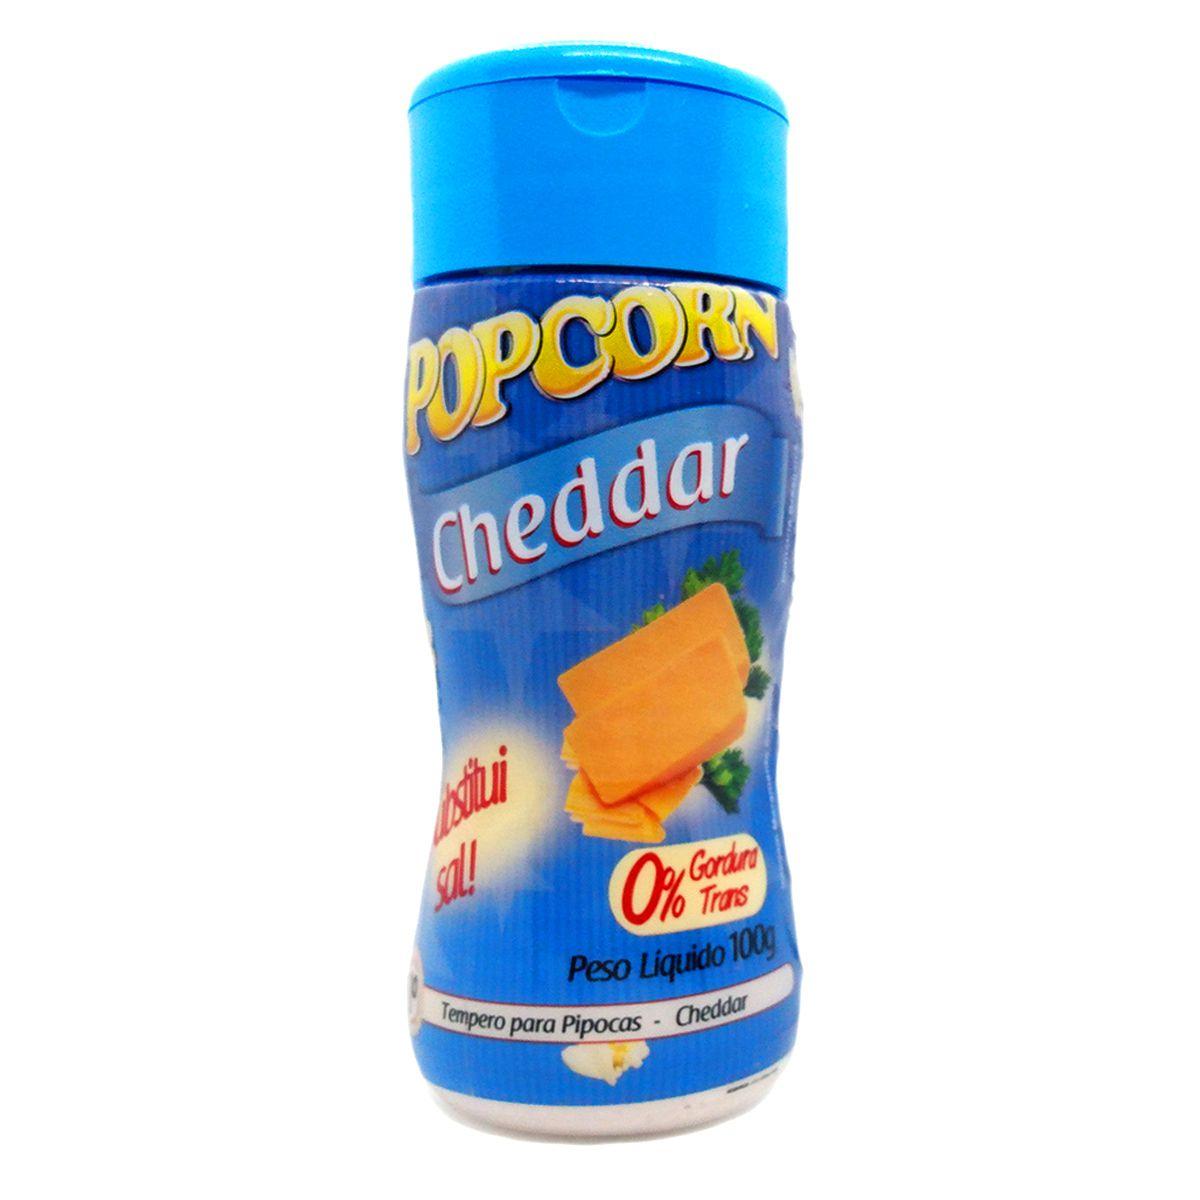 Tempero de pipoca - SABOR CHEDDAR - 100g